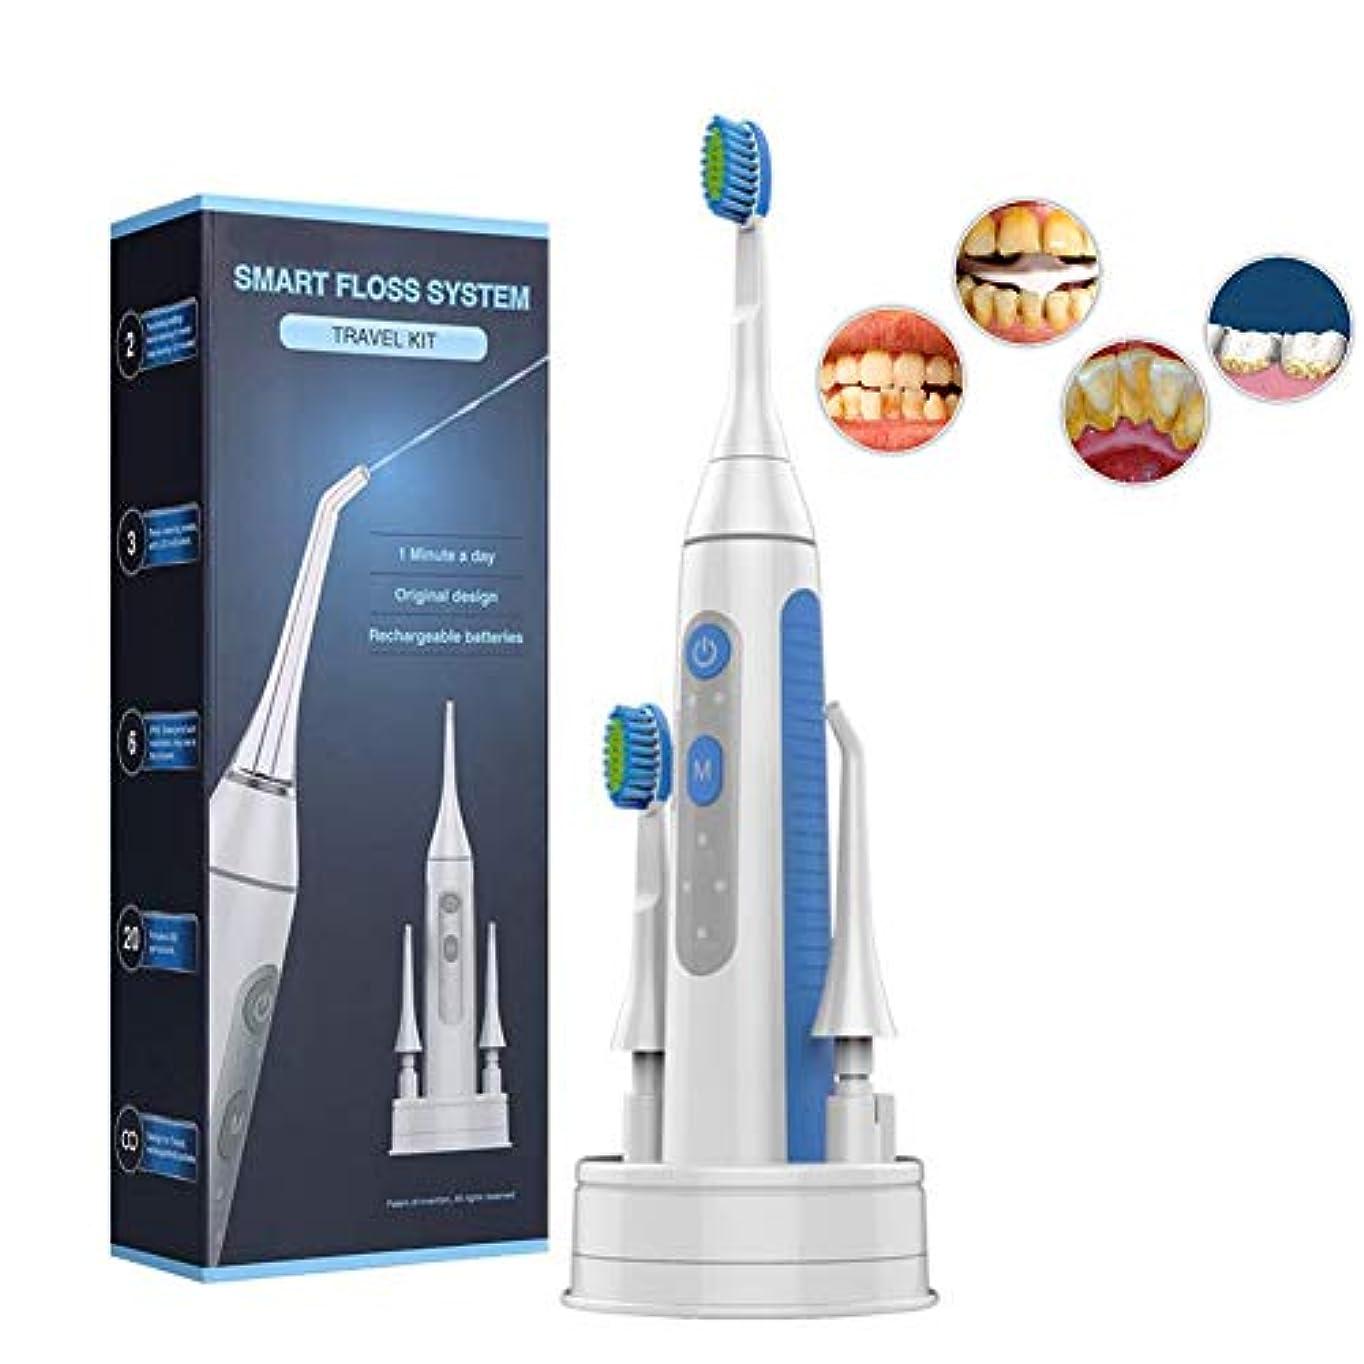 嵐返済激怒超音波電動歯サーファー、2 in 1口腔ケア歯磨き粉機器ホームポータブルウォーターフロス歯のクリーニング機3モード大人と子供に適して,Blue